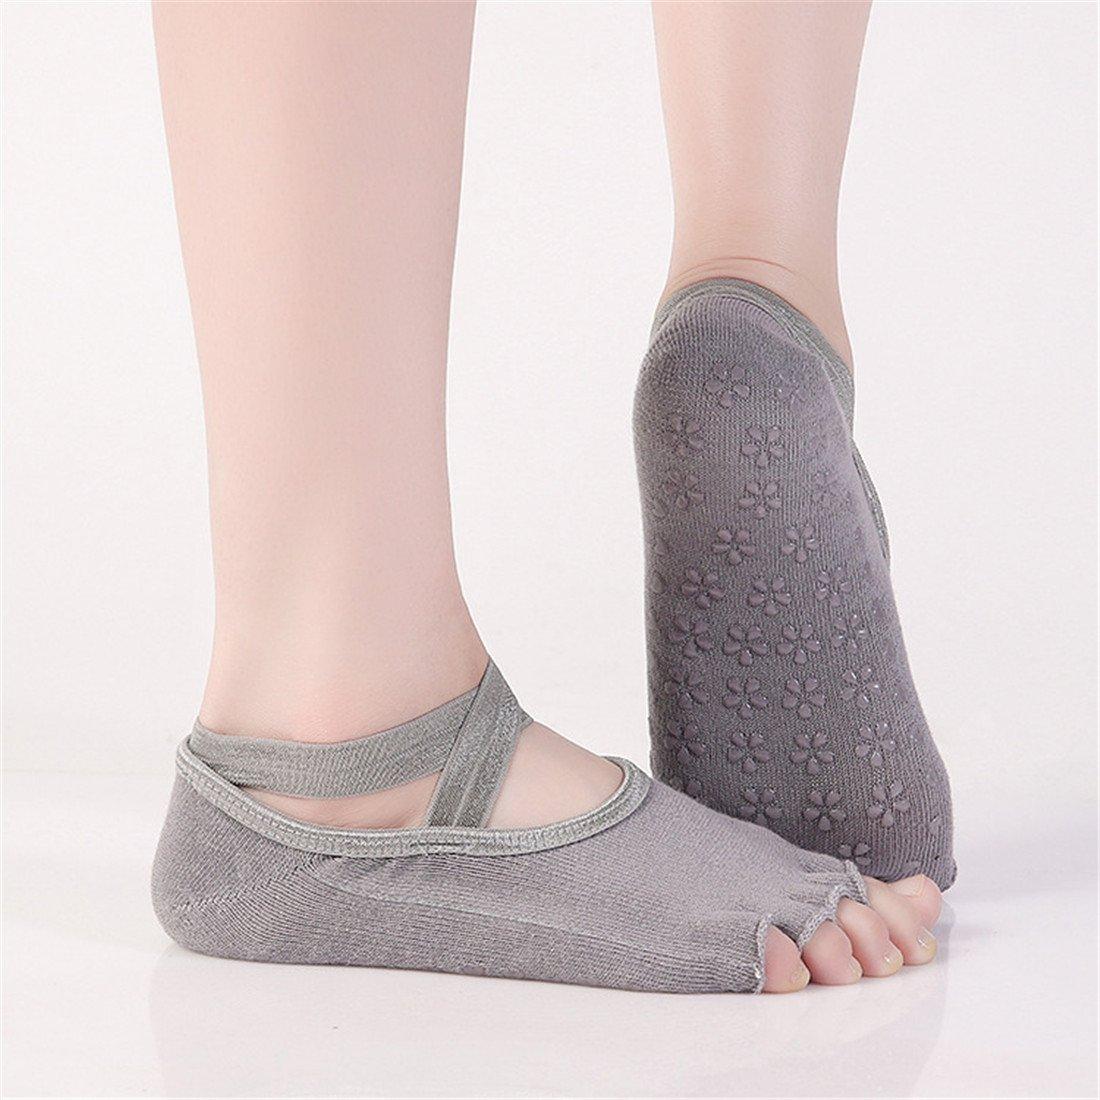 SANIQUEEN.G 2 Pares Mujer de Calcetines de Mitad Dedos Separados para Yoga,Pilates y Baile Calcetines Fitness/Danza/Ballet Calcetín EU 34-40